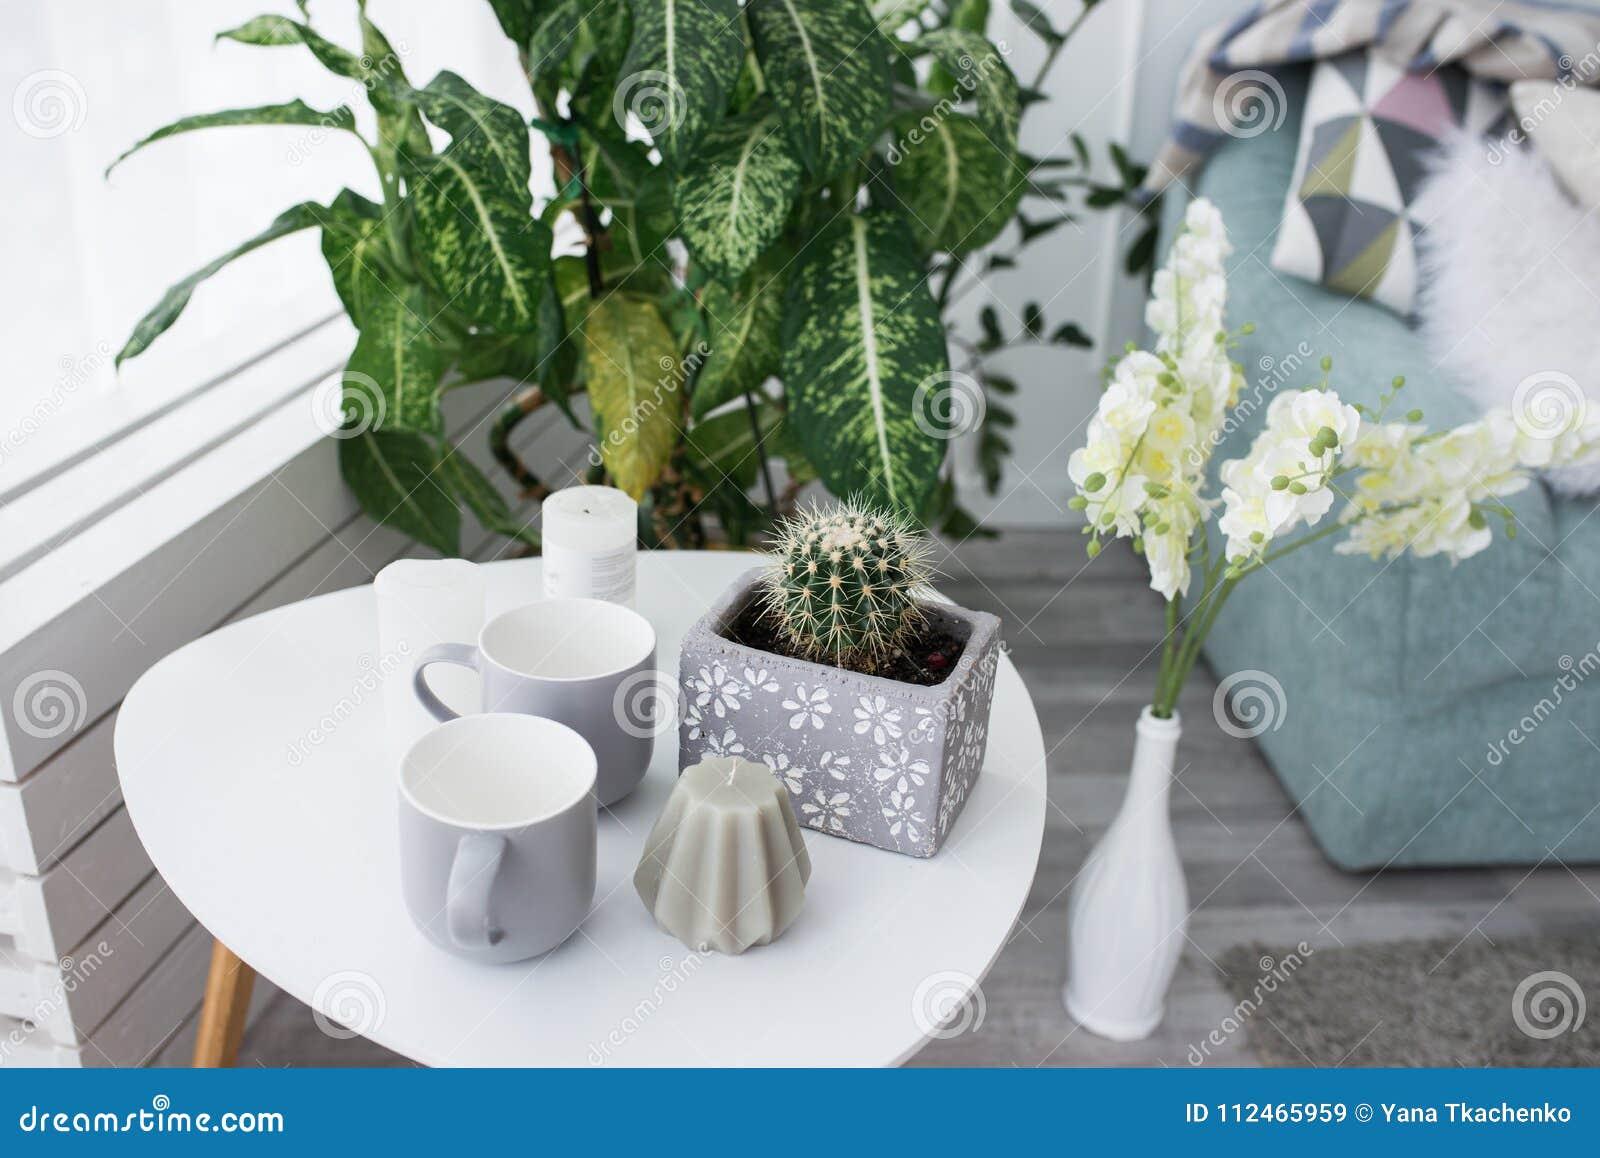 Petite Basse Table Bougie Une Avec Un Blanche CactusUne 8wkNnXZ0OP